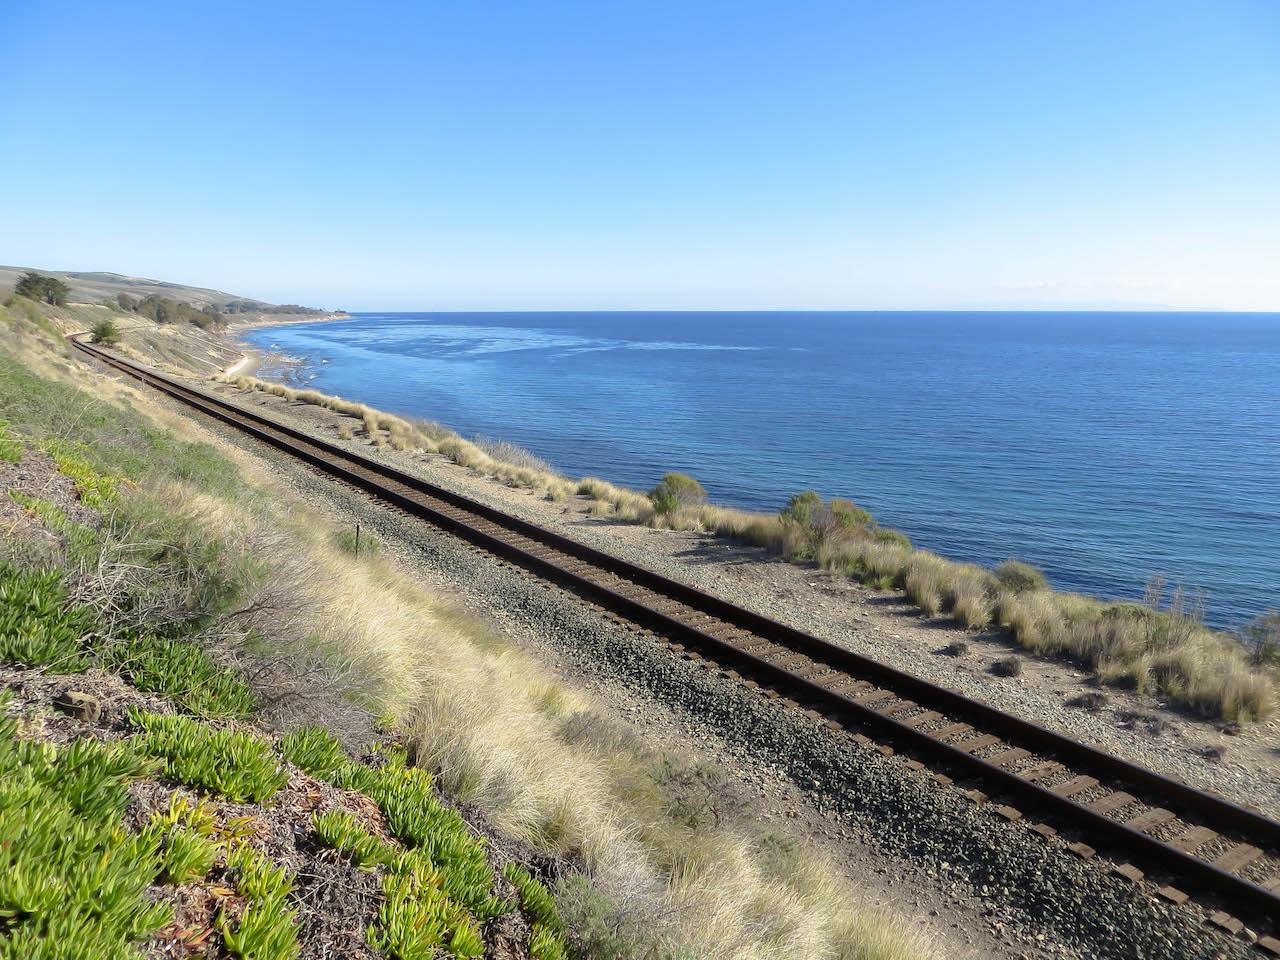 Auch die Bahn bietet spektakuläre Aussichten auf das Meer.